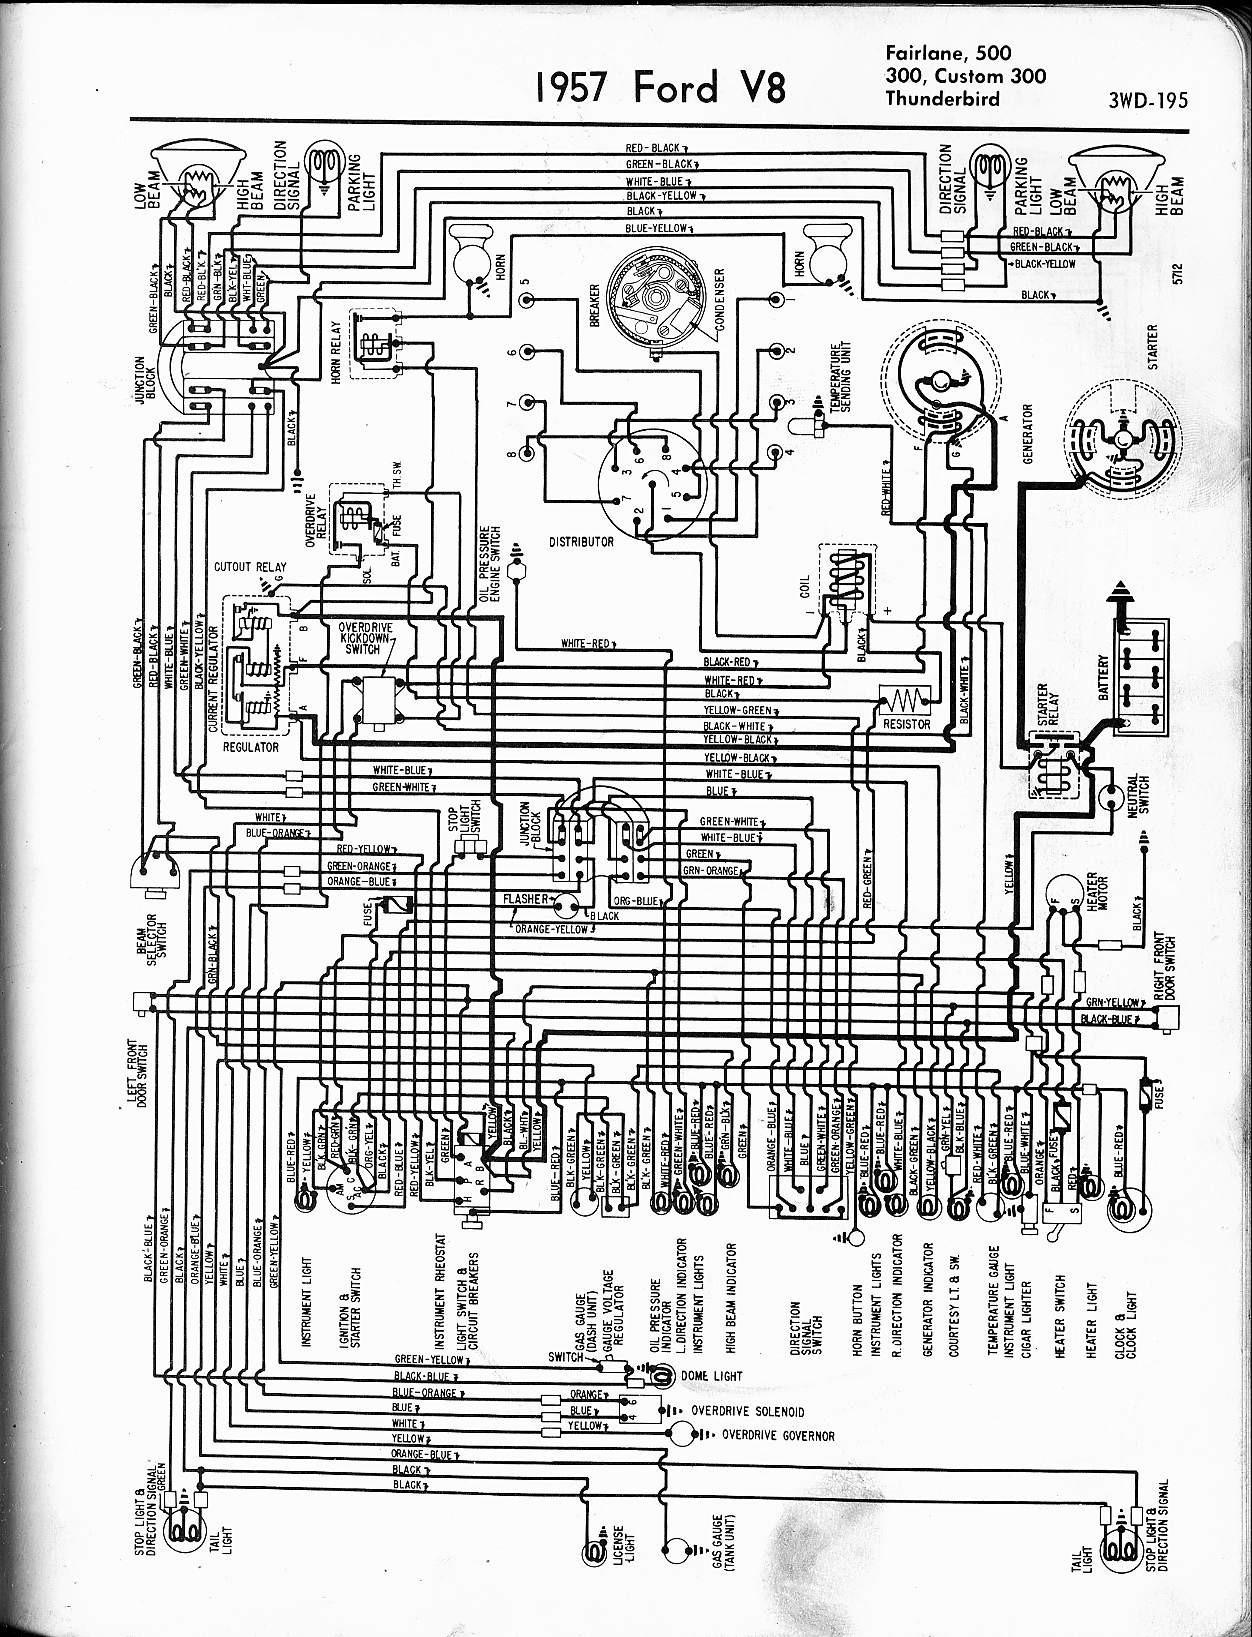 KH_0370] Wiring Yale Diagram Glc135V Wiring Diagram | Wiring Yale Diagram |  | Ophag Joni Wiluq Isop Ructi Terch Loida Kicep Mohammedshrine Librar Wiring  101